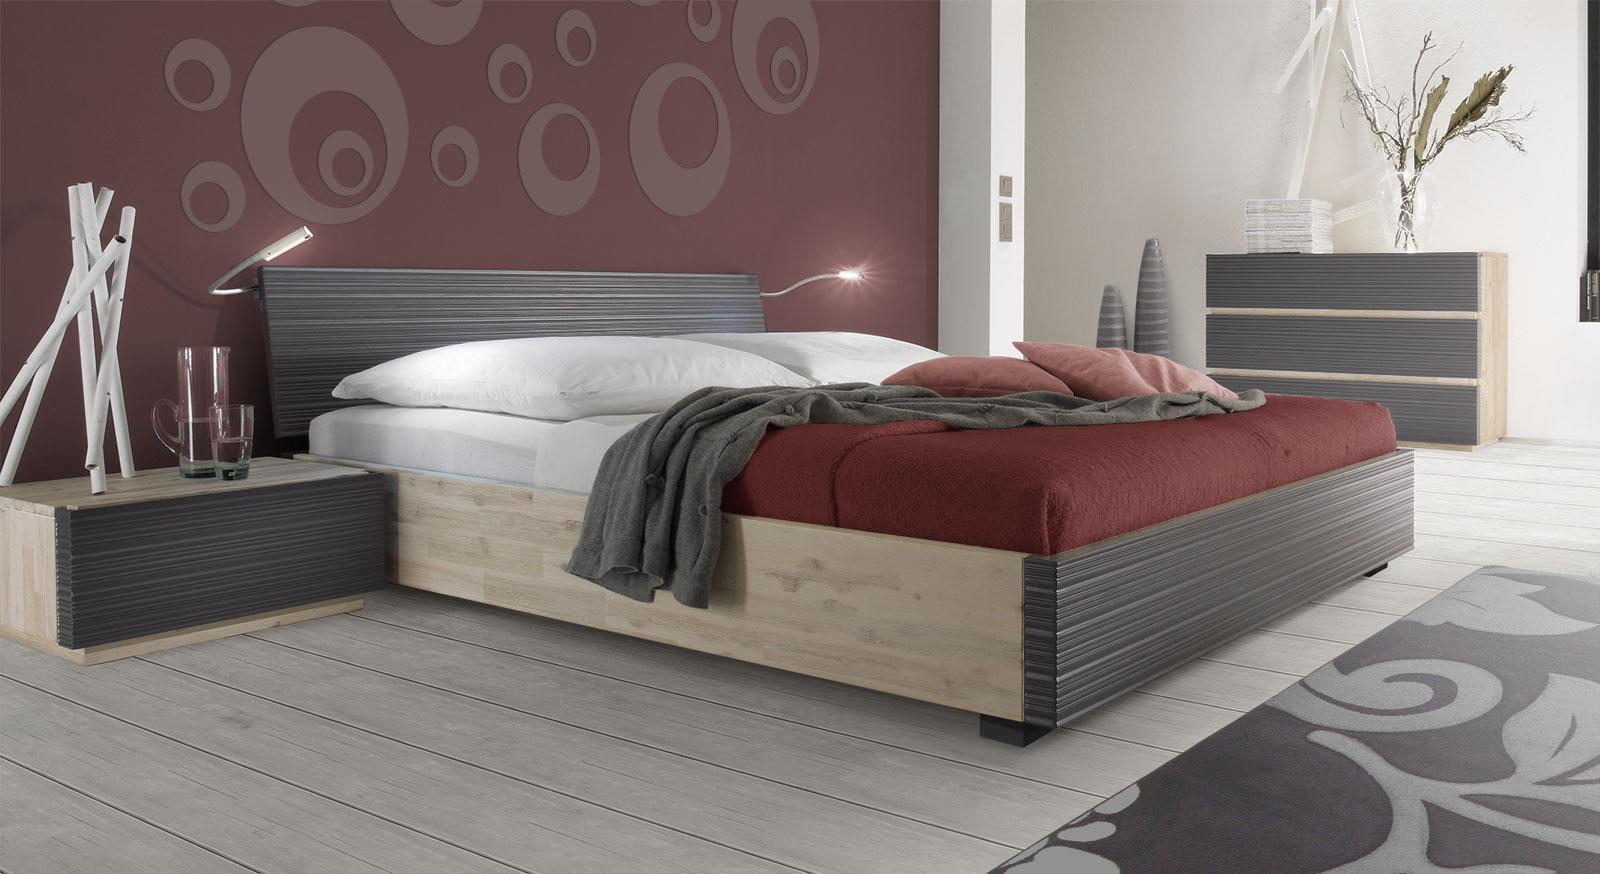 Doppelbett Ancona aus massivem Akazienholz in Anthrazit